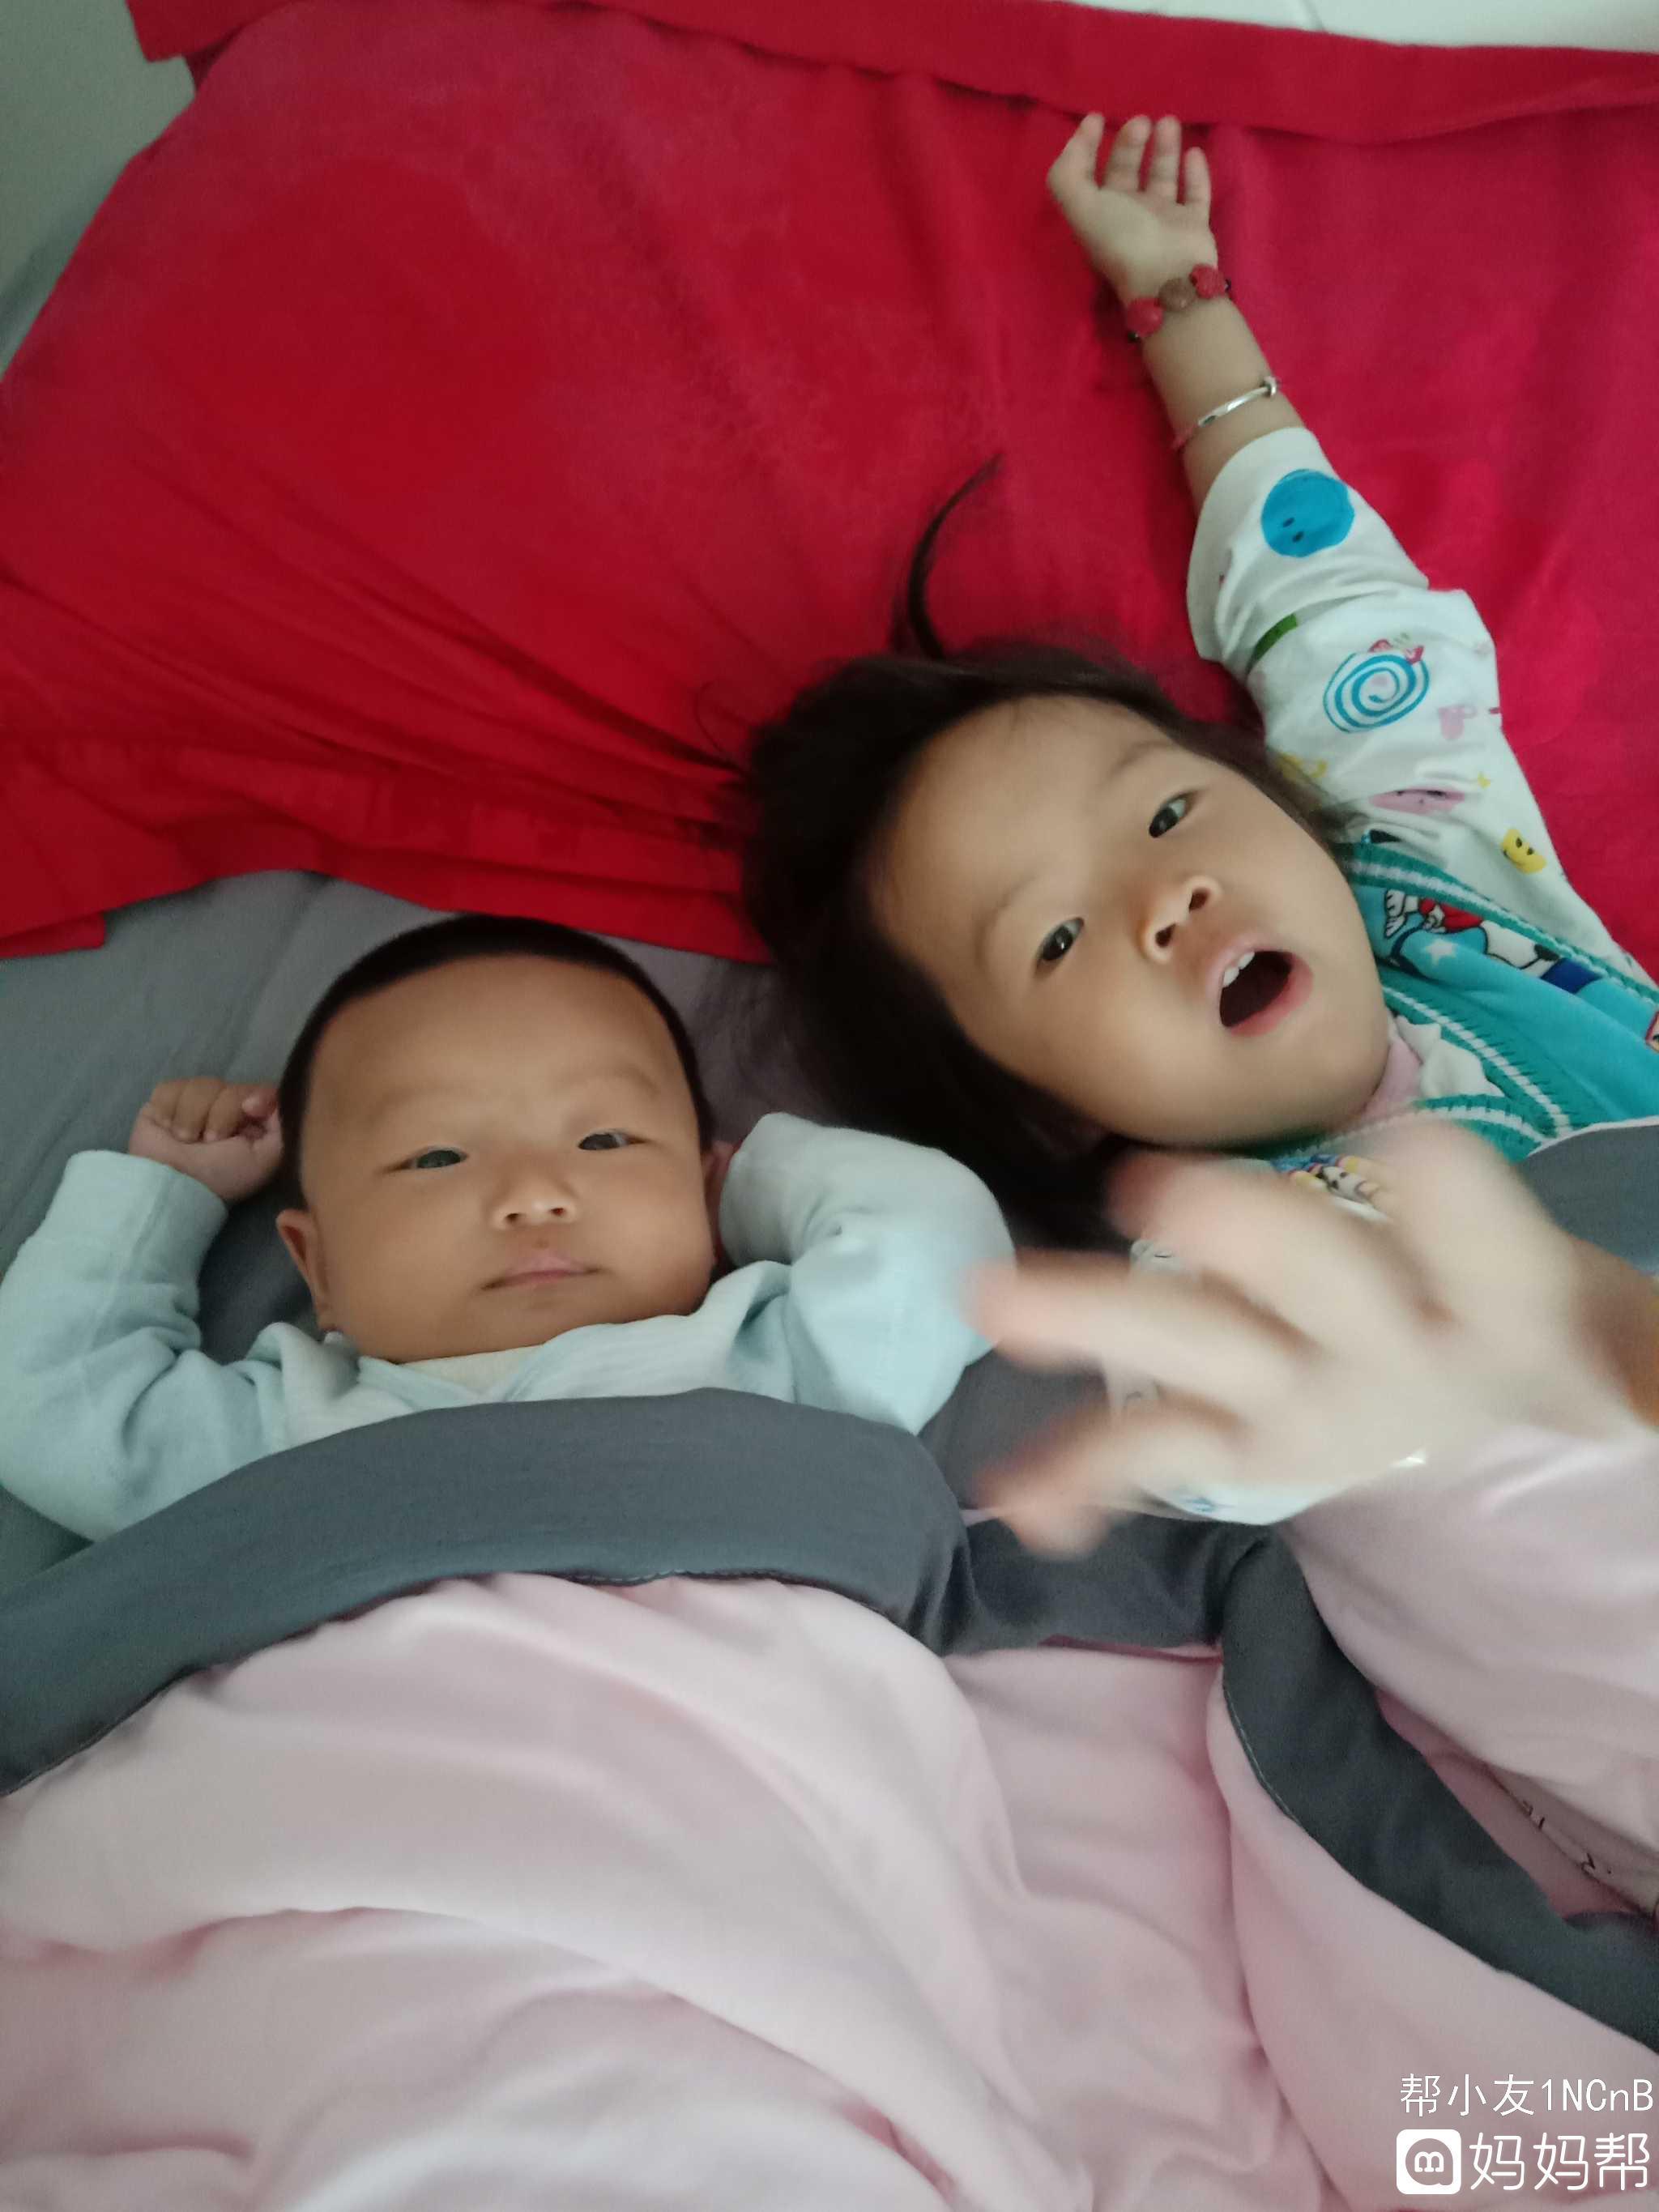 我家的两个宝贝可爱不